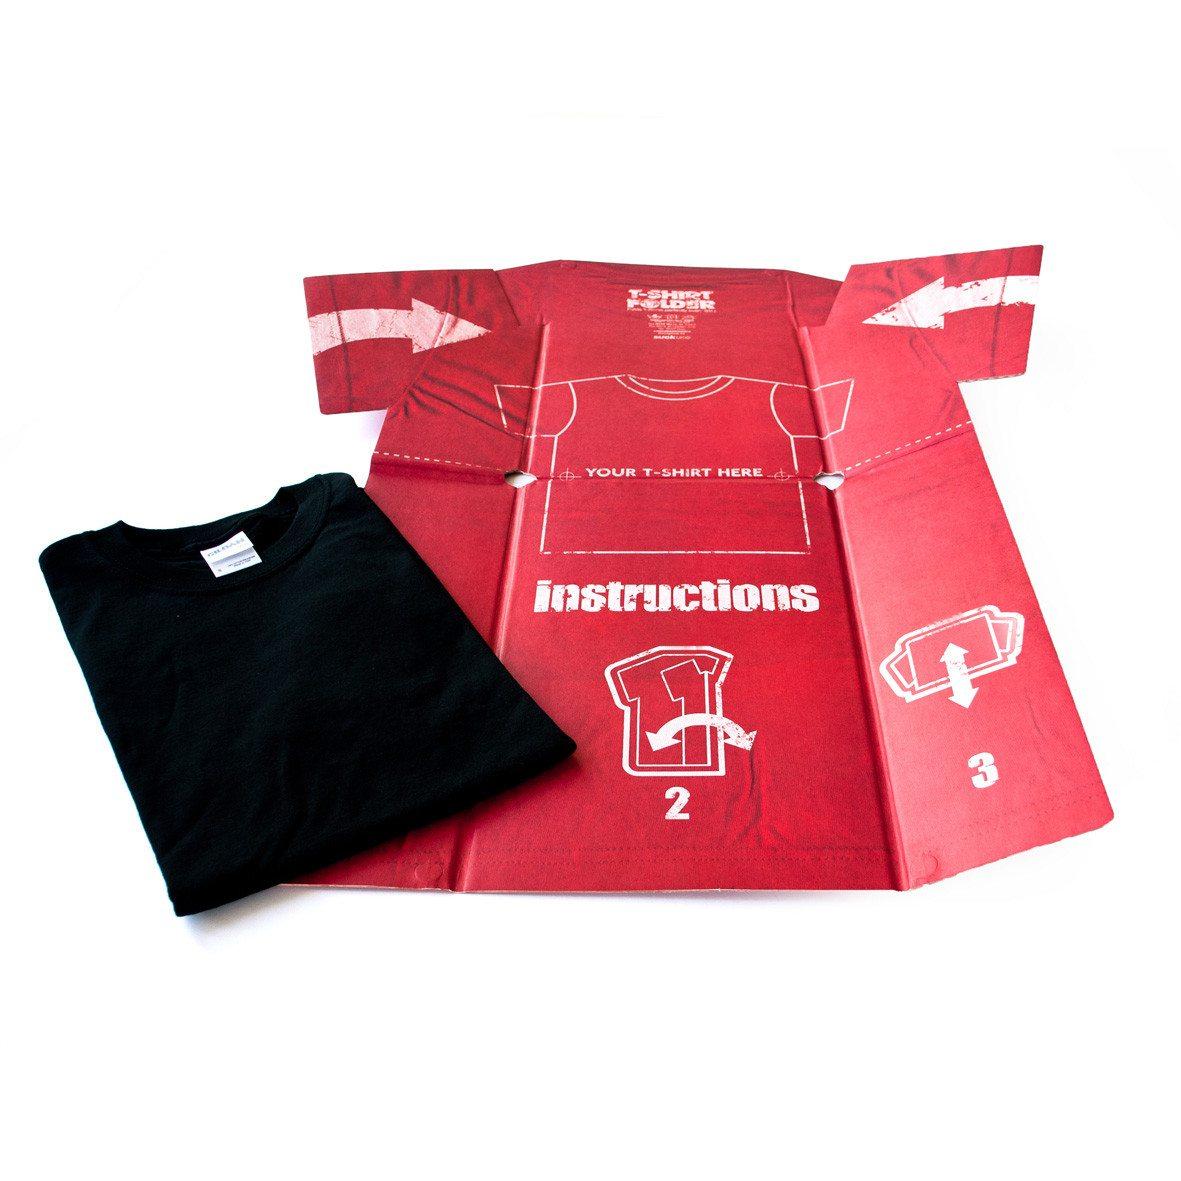 T-shirt vouwhulp